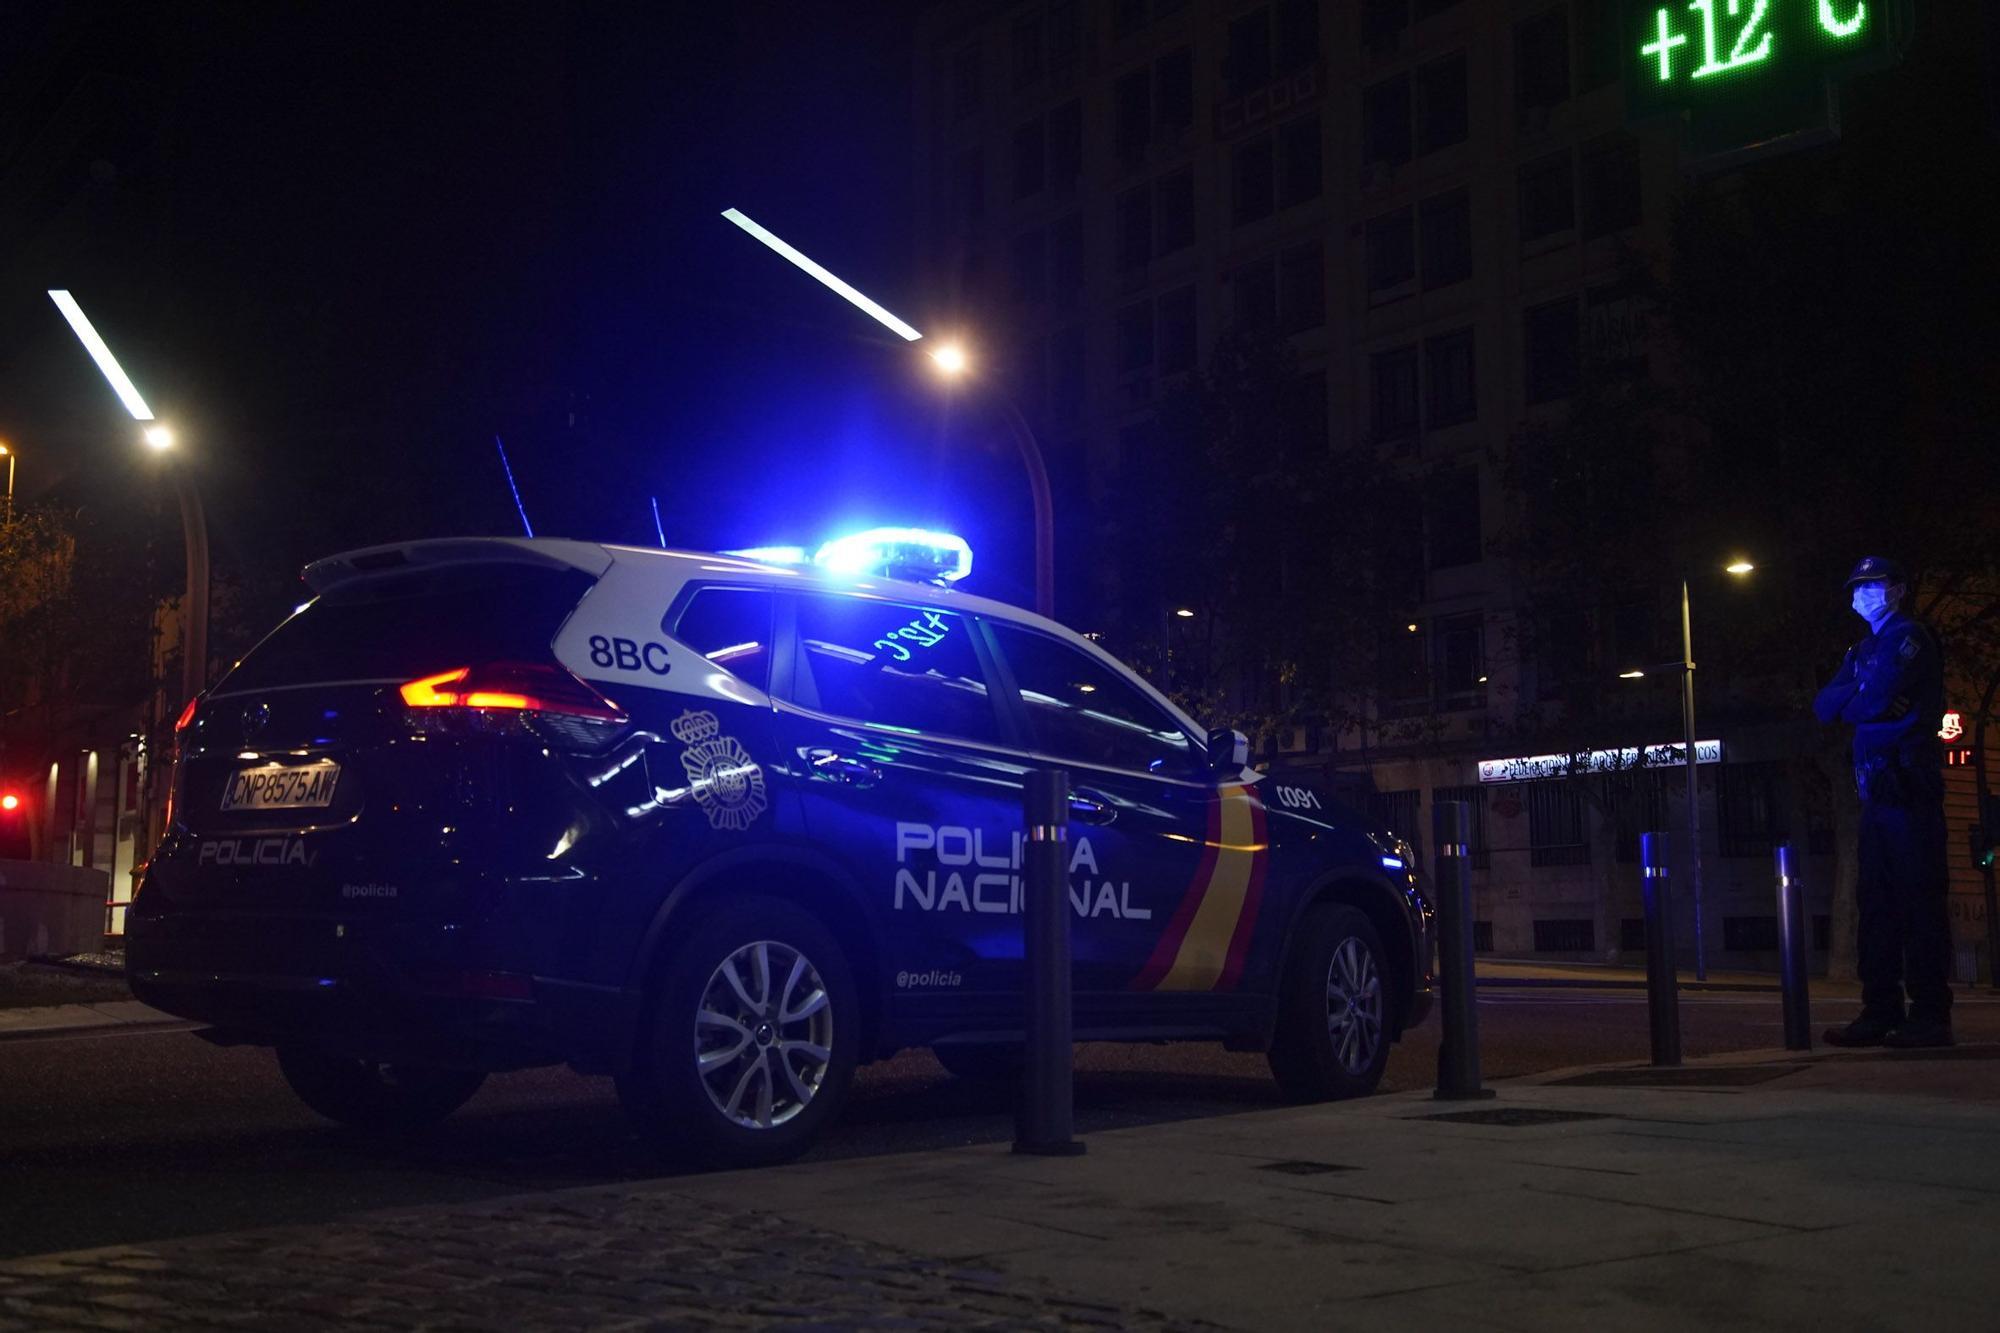 Así vigilan los Fuerzas y Cuerpos de Seguridad el primer toque de queda en Zamora